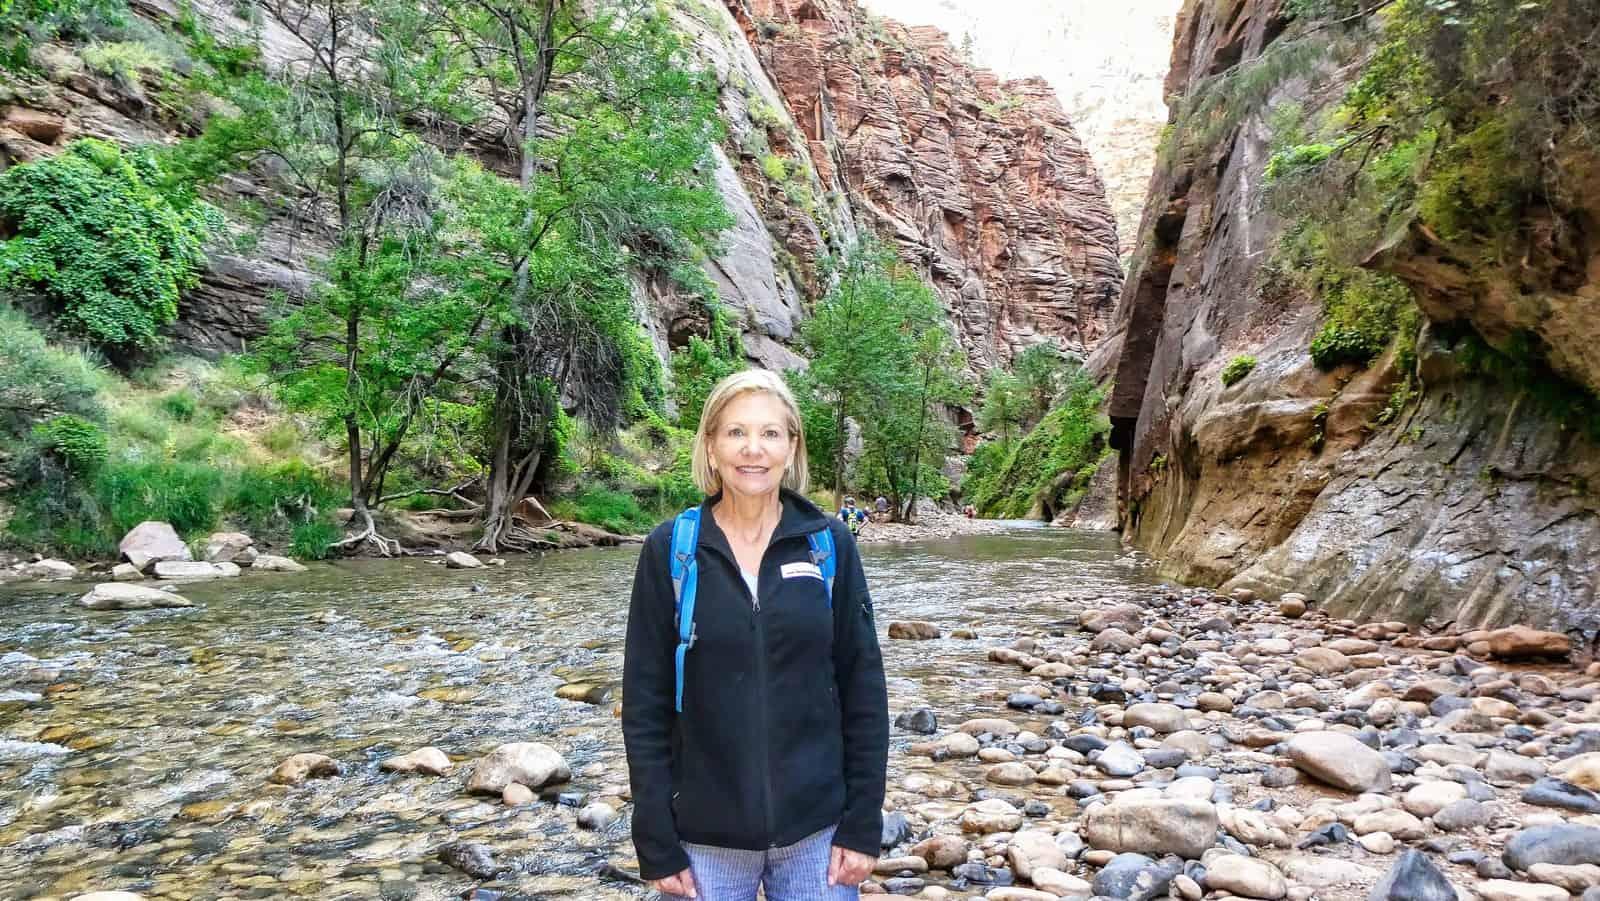 utahs national parks river walk